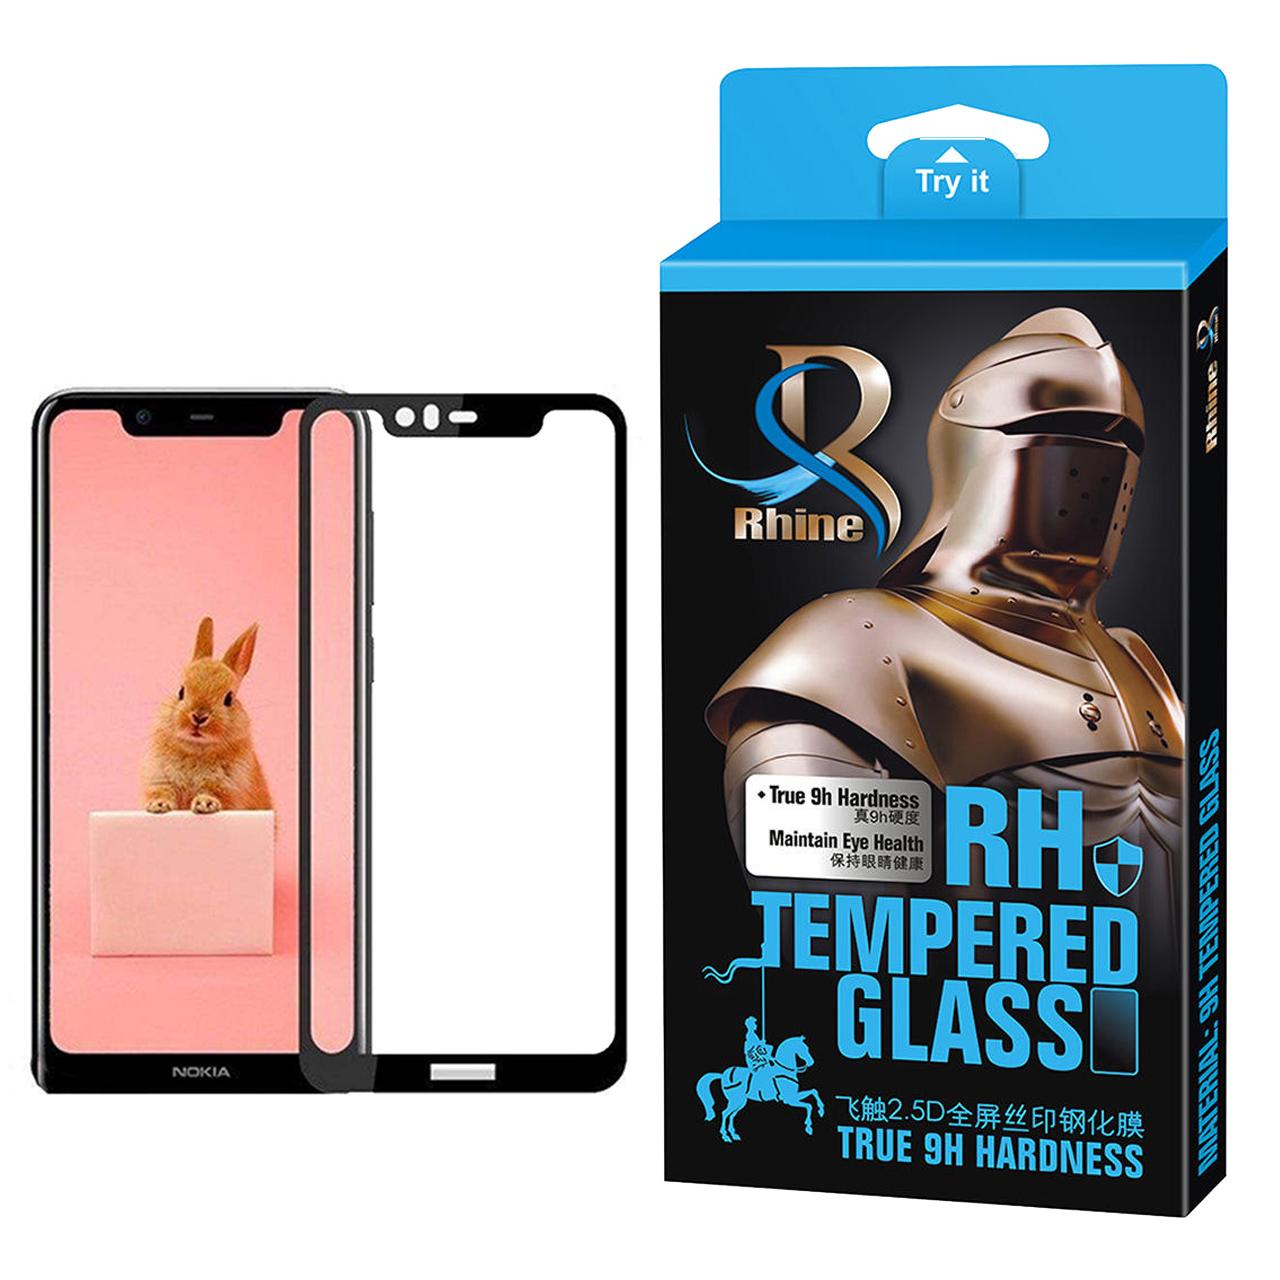 خرید                     محافظ صفحه نمایش راین مدل R_9 مناسب برای گوشی موبایل نوکیا 5.1 Plus